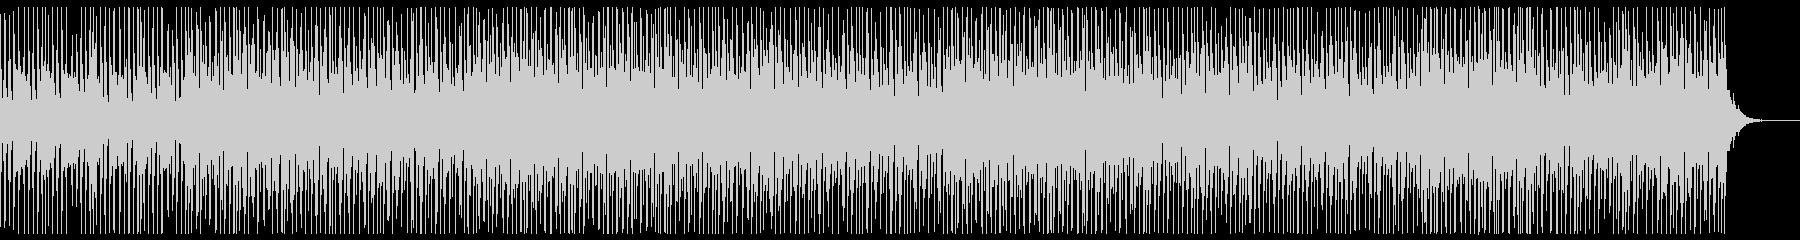 爽やかでセンチメンタルな夏のEDMの未再生の波形